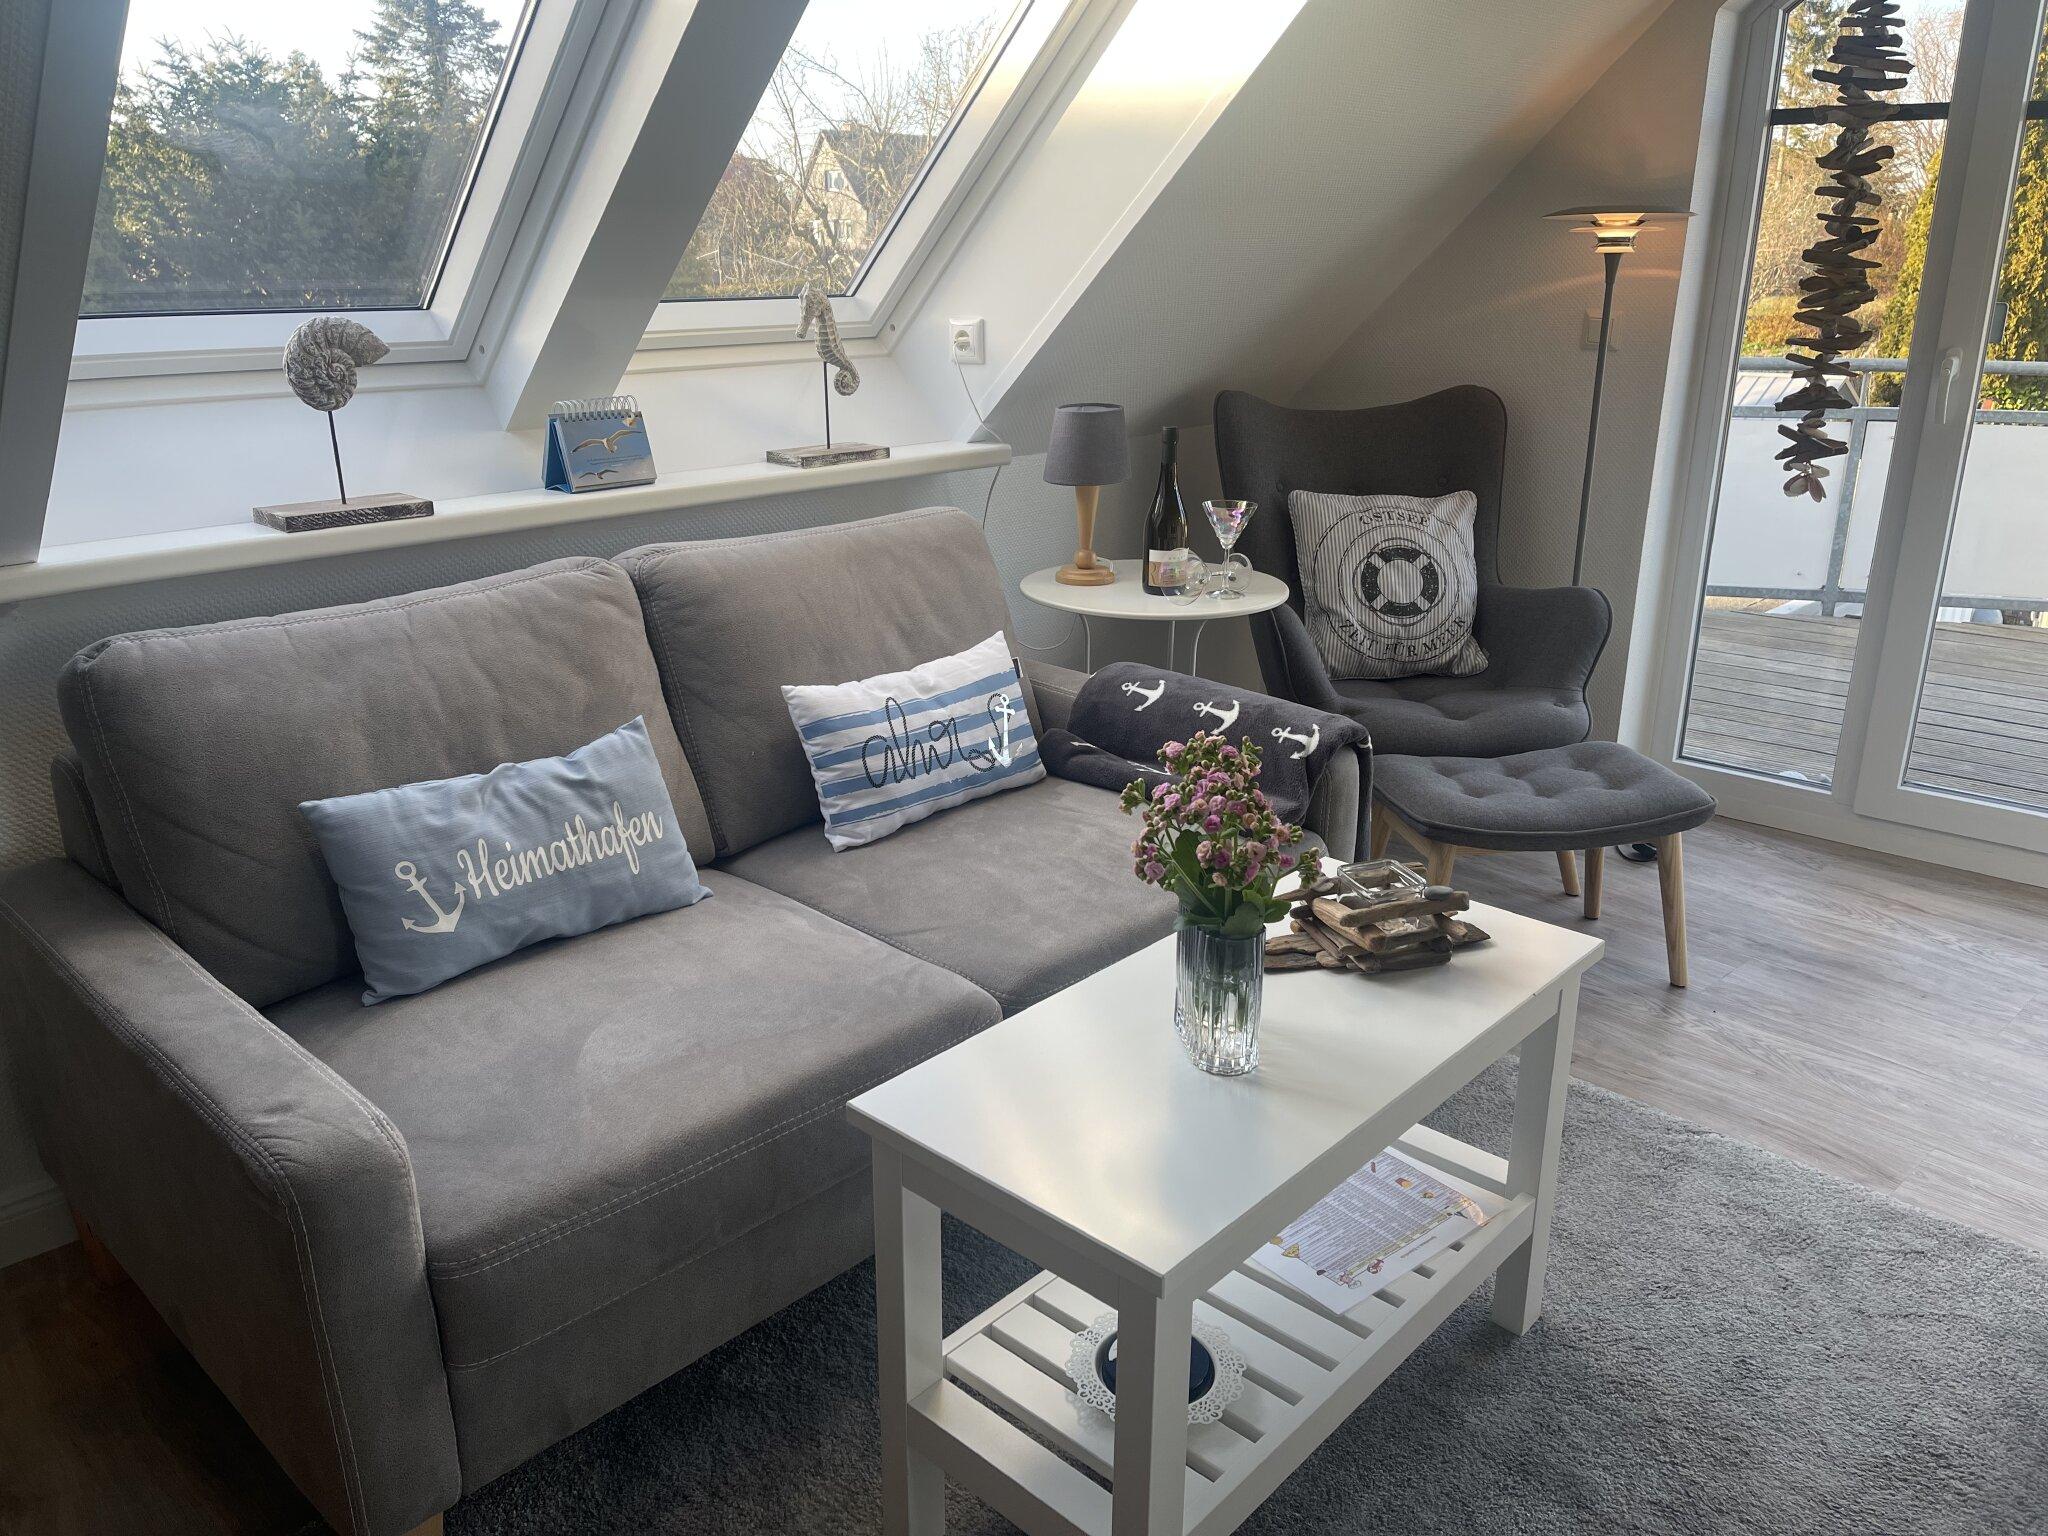 Wohnzimmer mit offener K�chenzeile